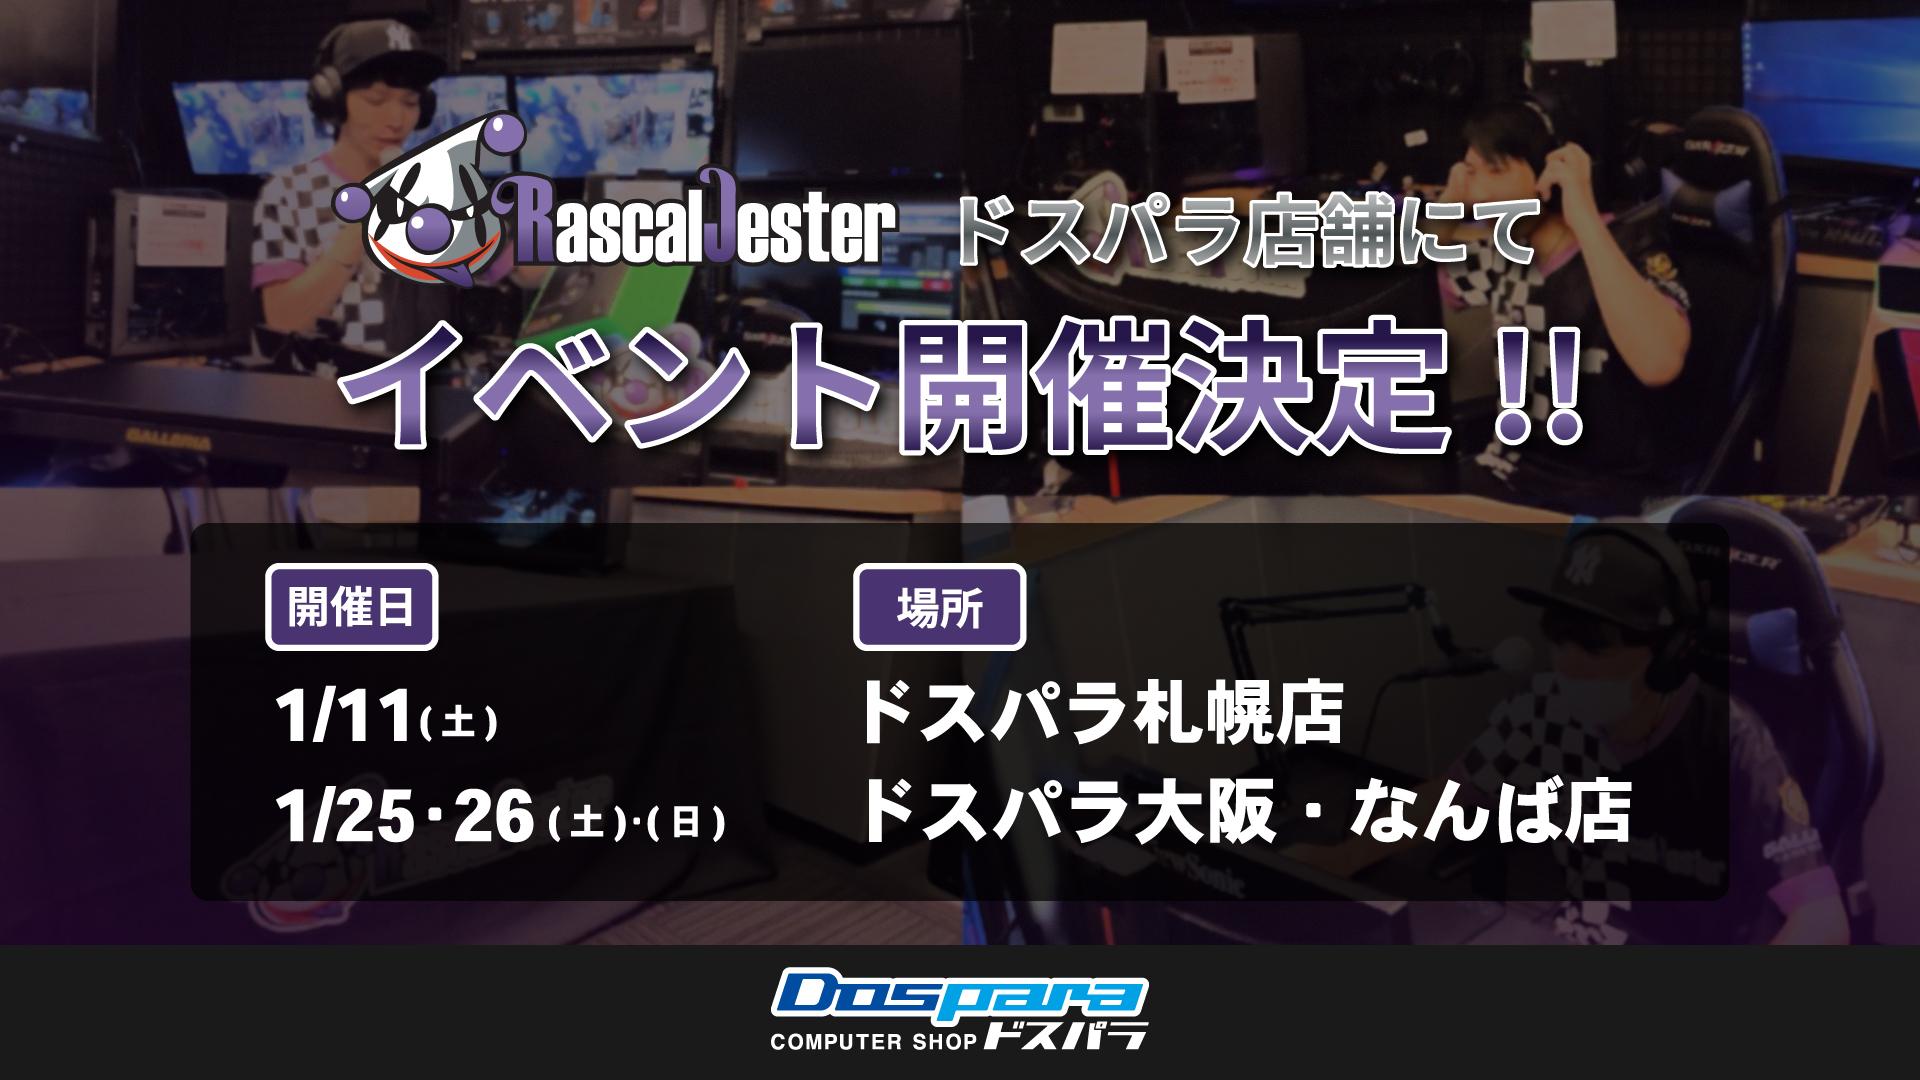 20191212_ドスパラ店舗イベント告知1